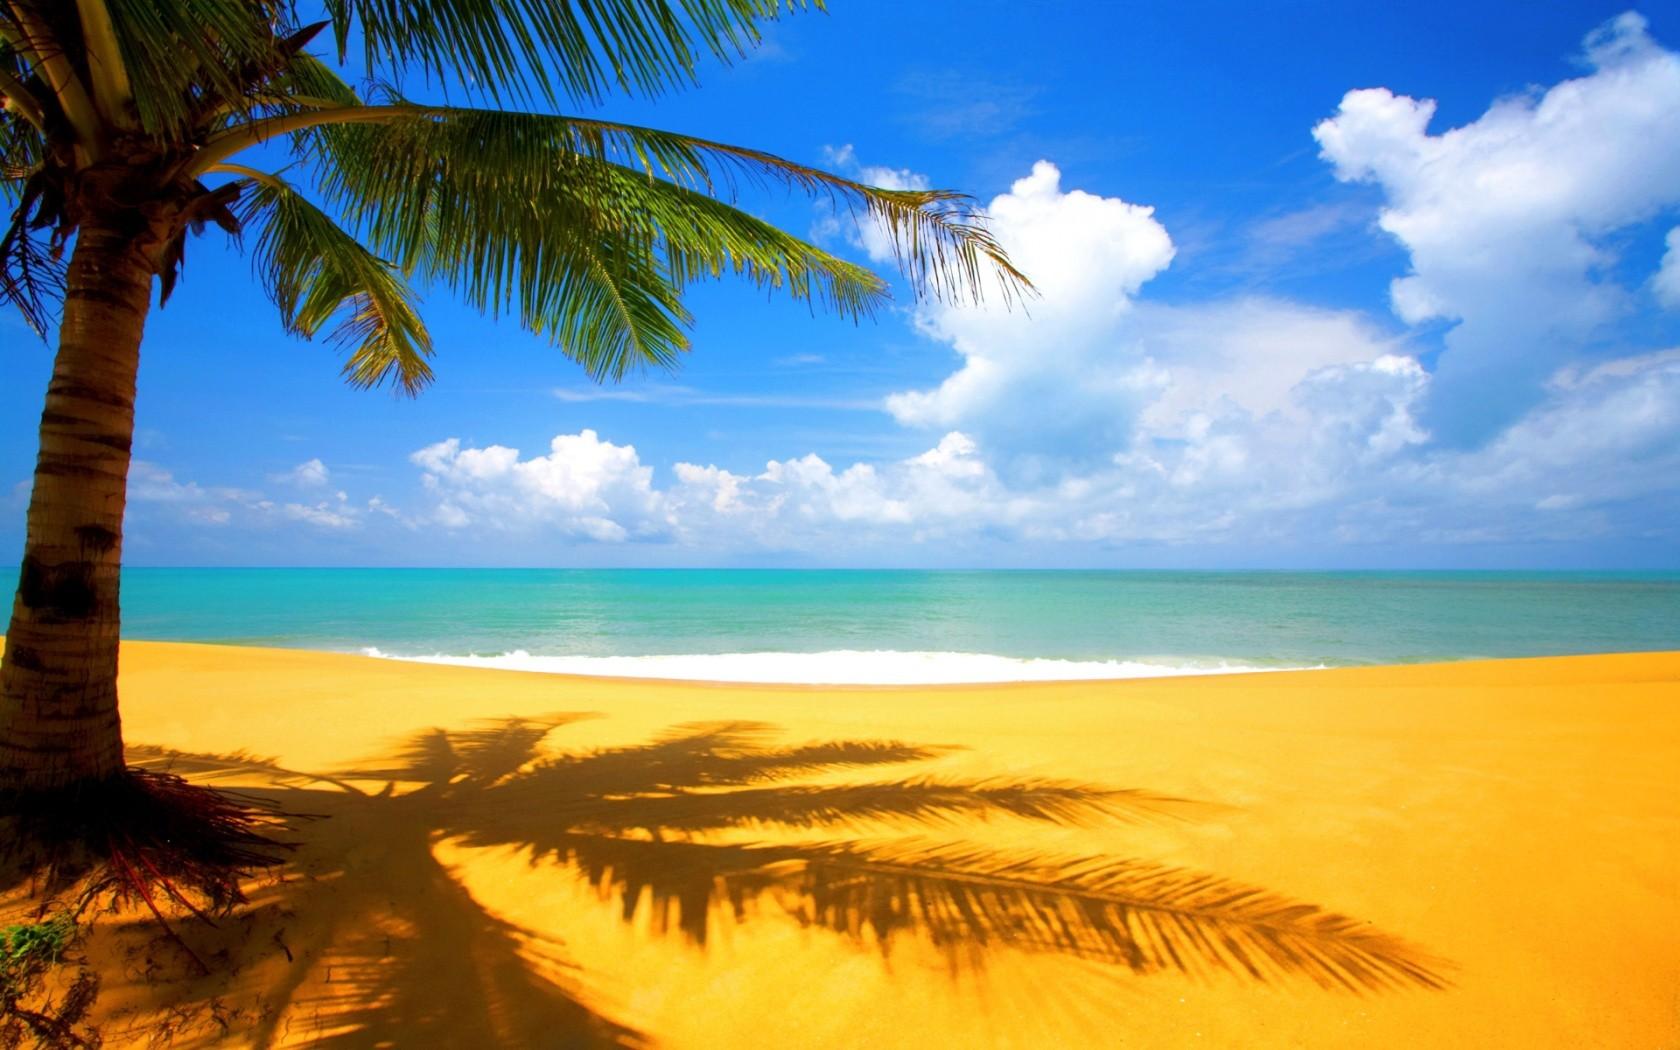 Открытки с пальмами на берегу моря, волгой открытка поздравлениями